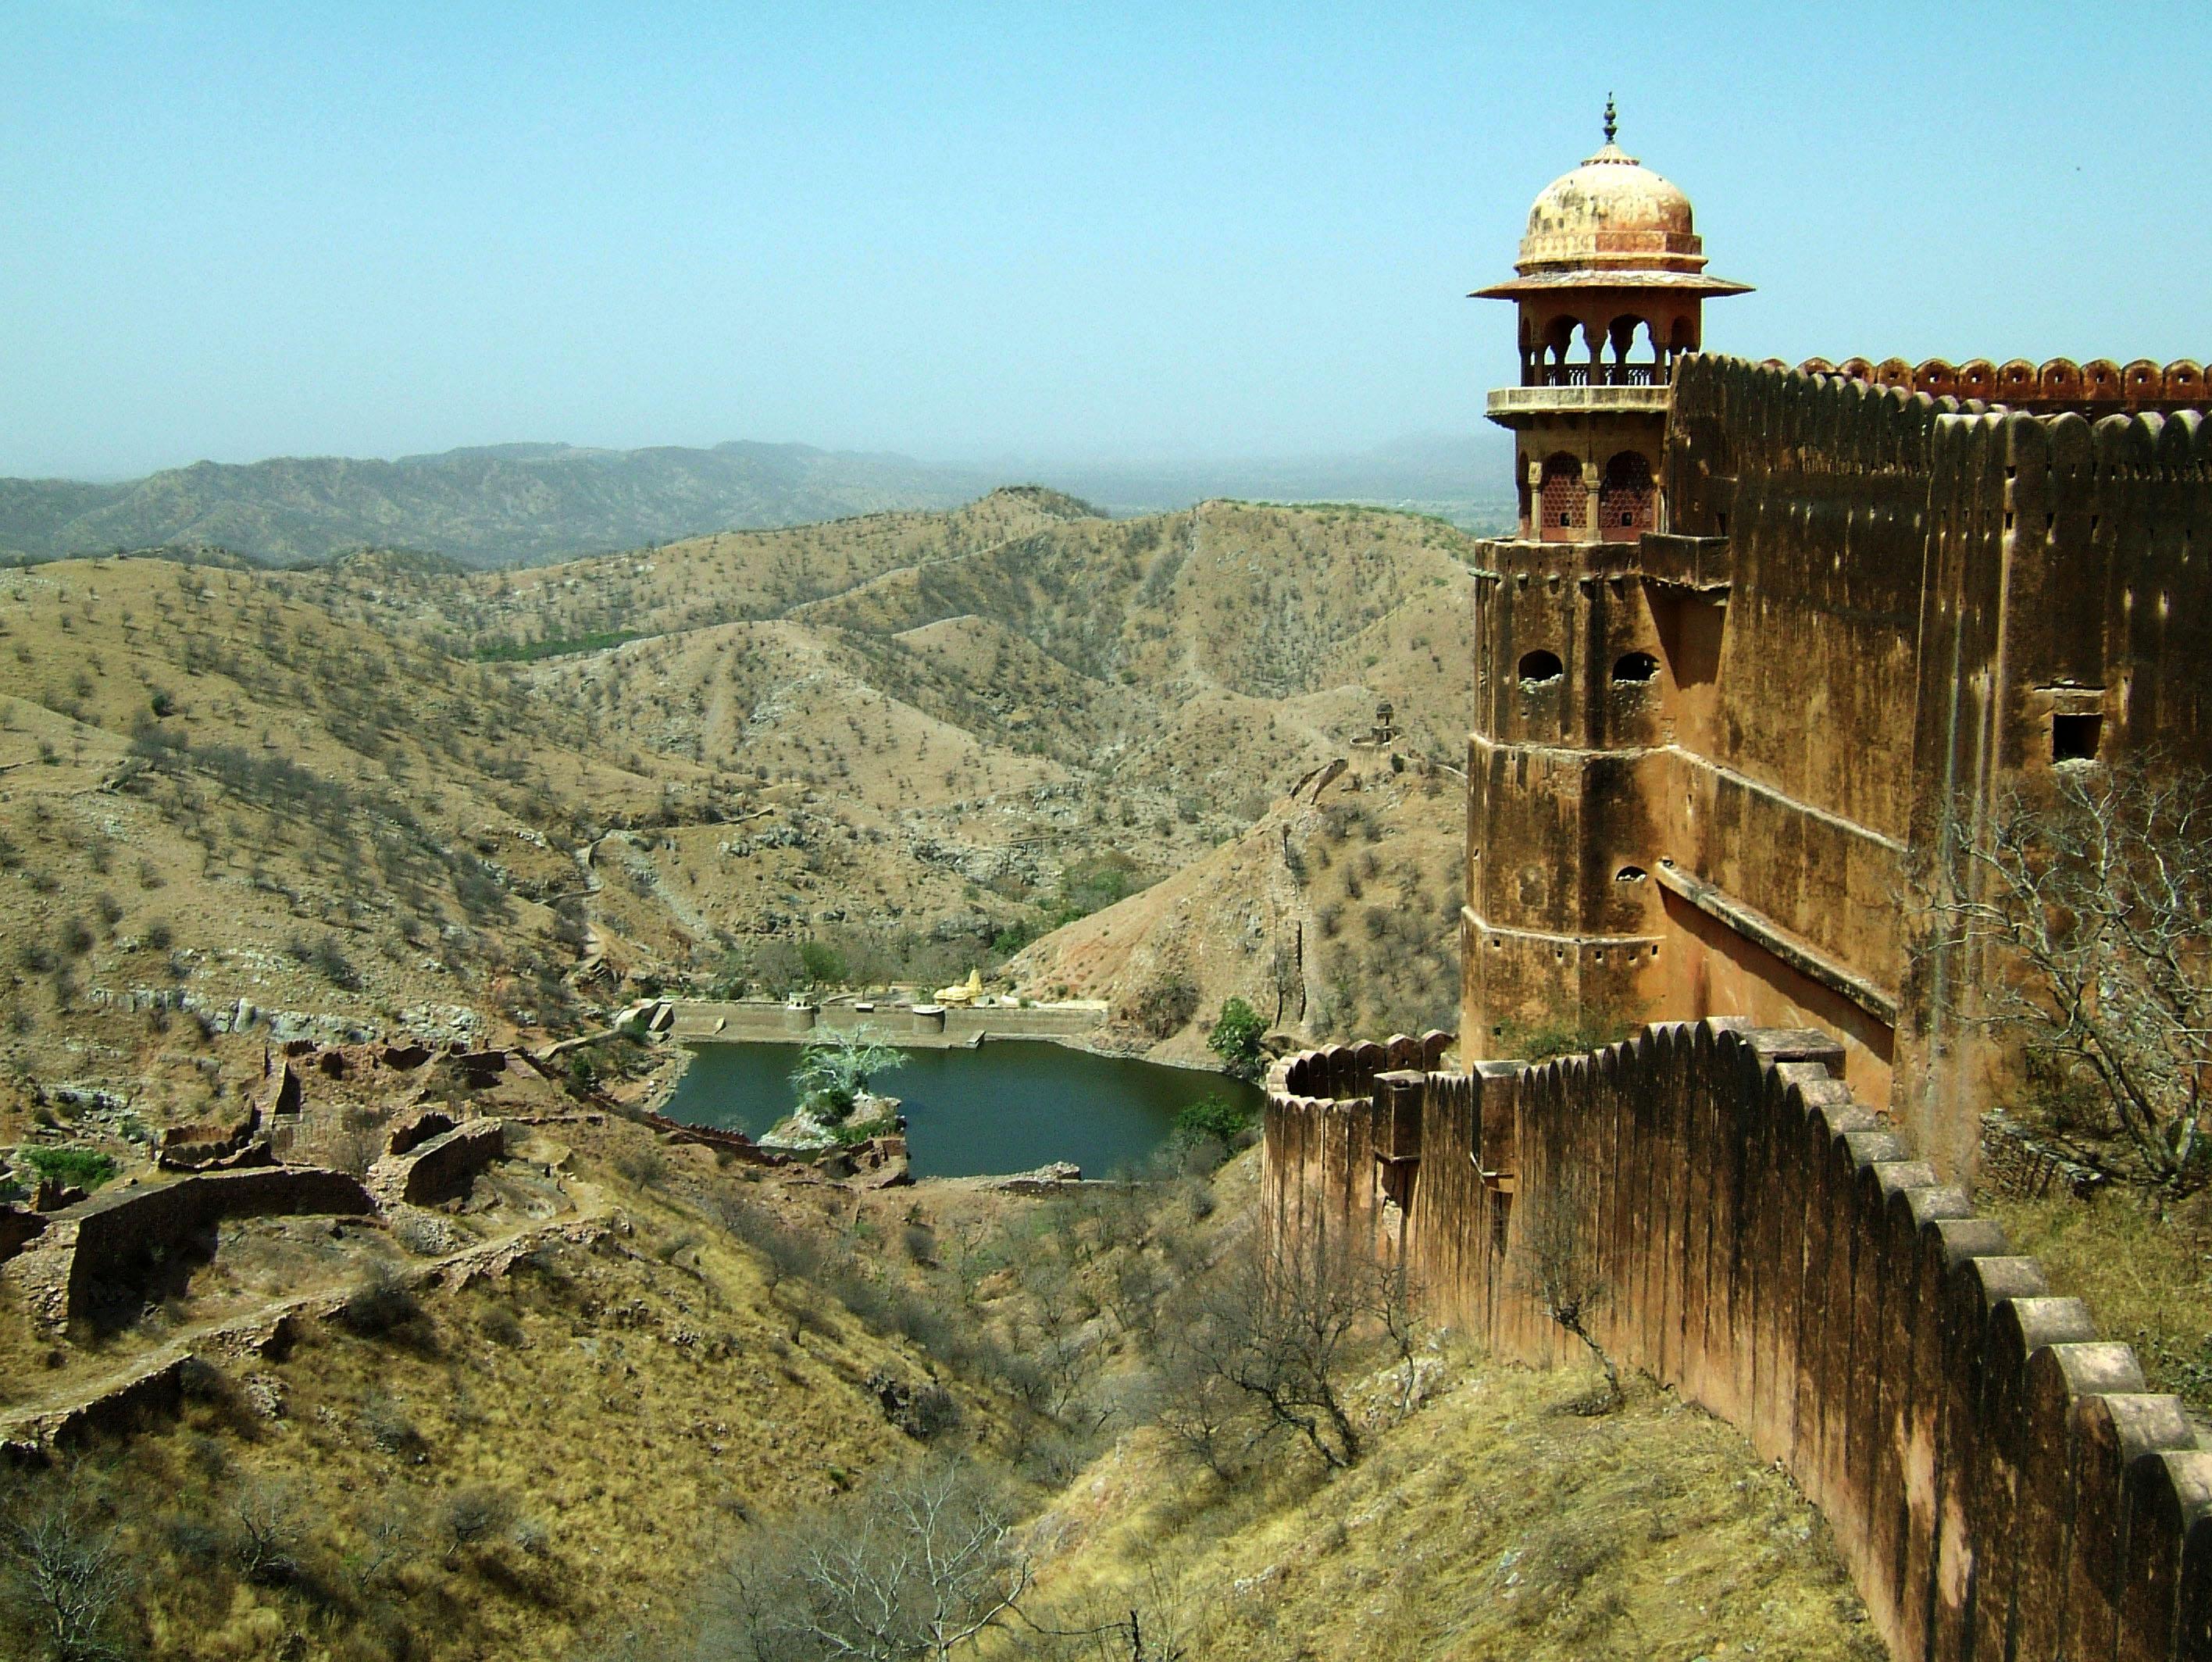 634924098371900025_rajasthan-jaipur-jaigarh-fort-perimeter-walls-apr-2004-01